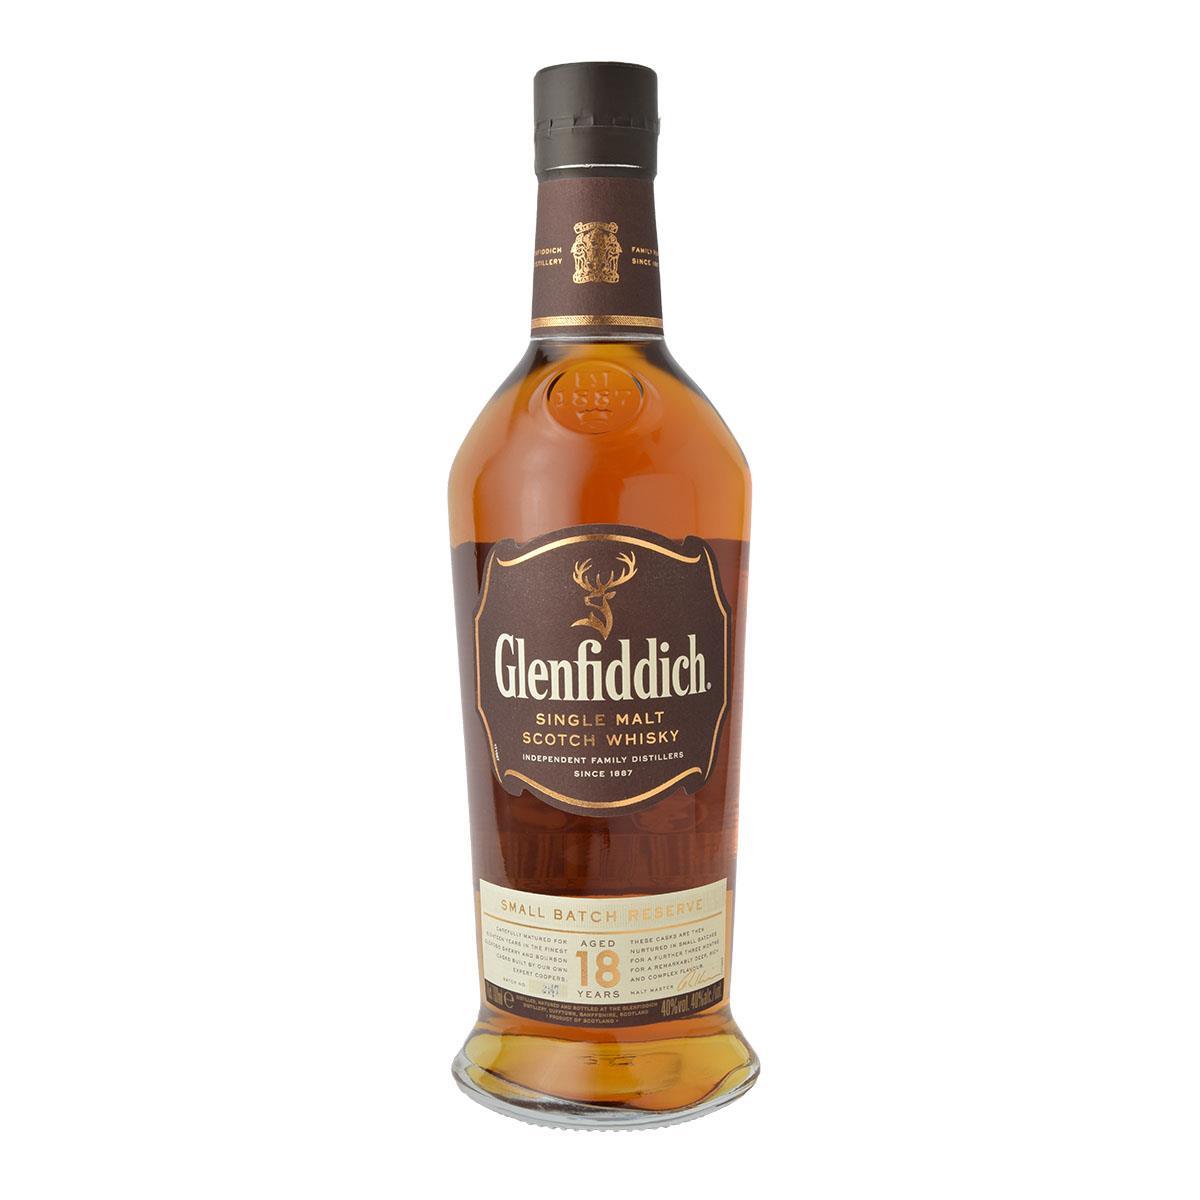 Glenfiddich 18 y.o. 700ml